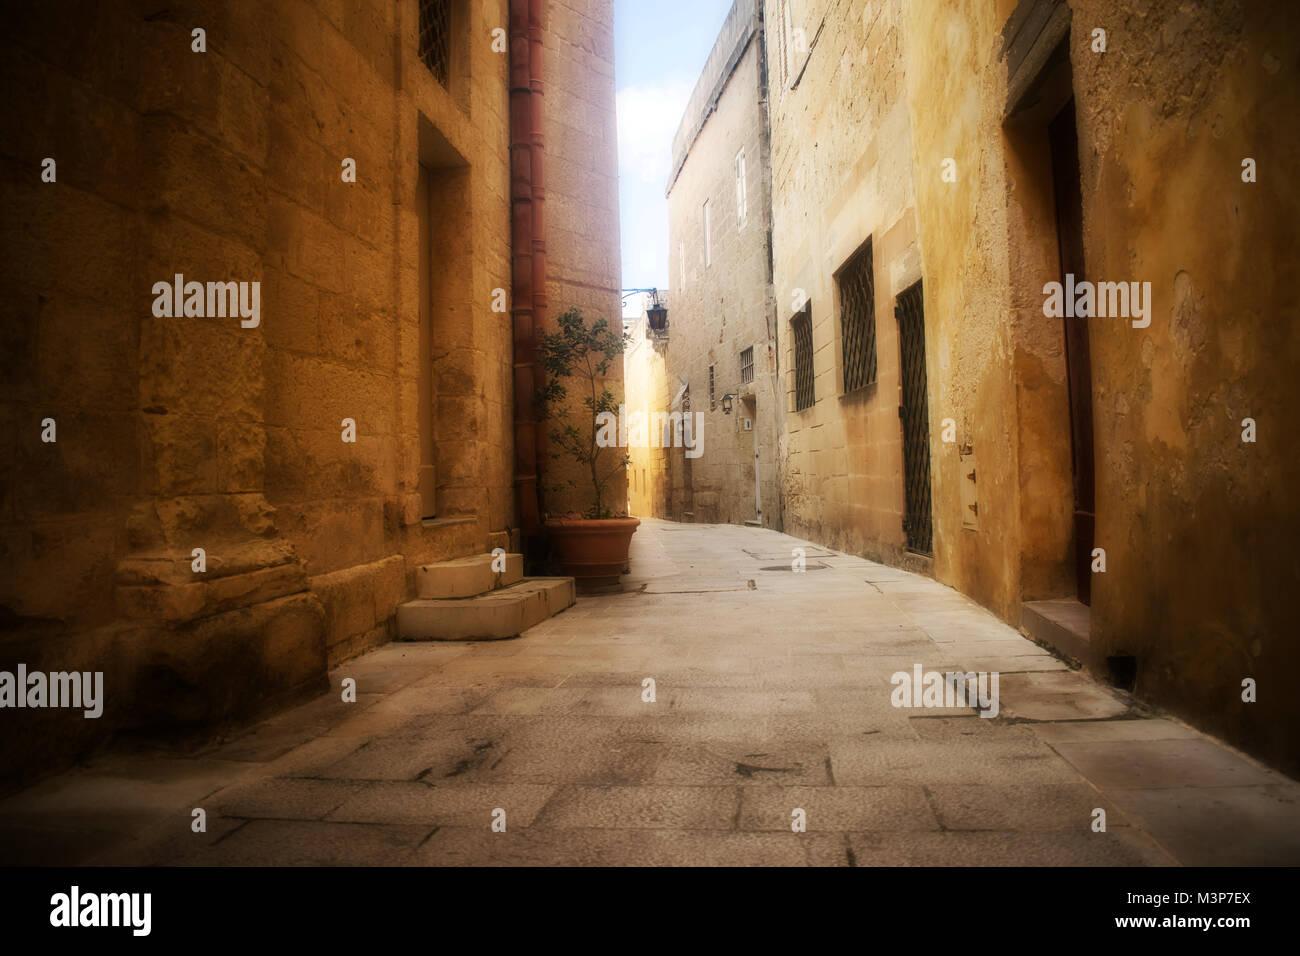 Un tipico stretta e storica strada comprensiva di pareti in ciottoli di Mdina, Malta. Immagini Stock